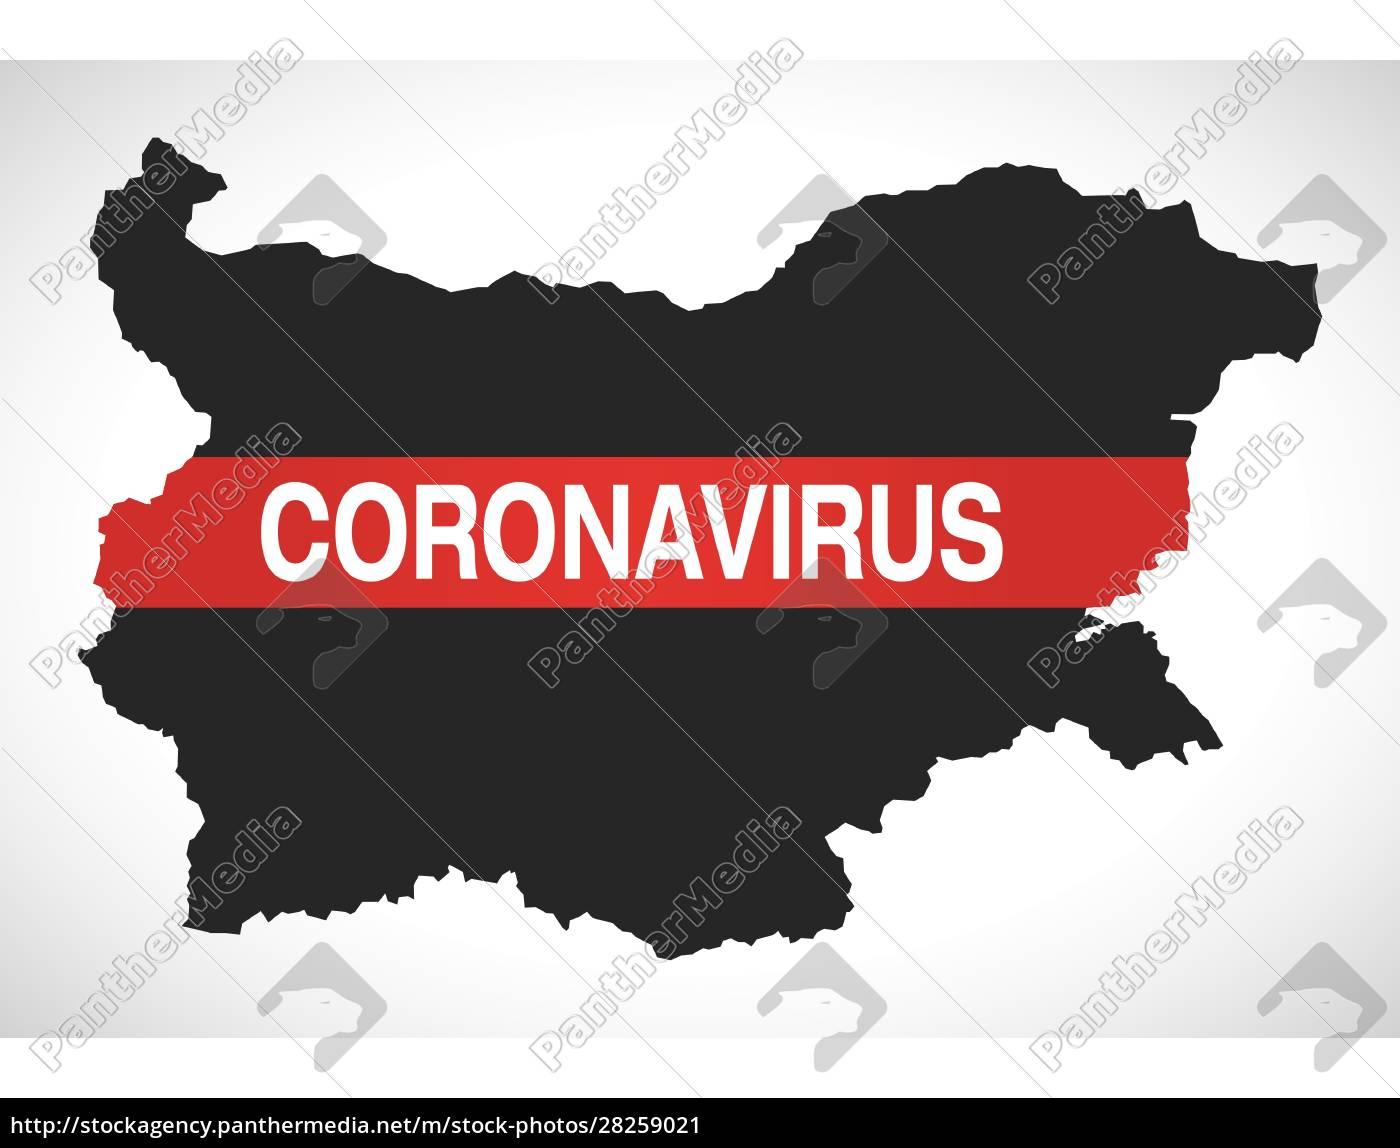 bulgaria, map, with, coronavirus, warning, illustration - 28259021